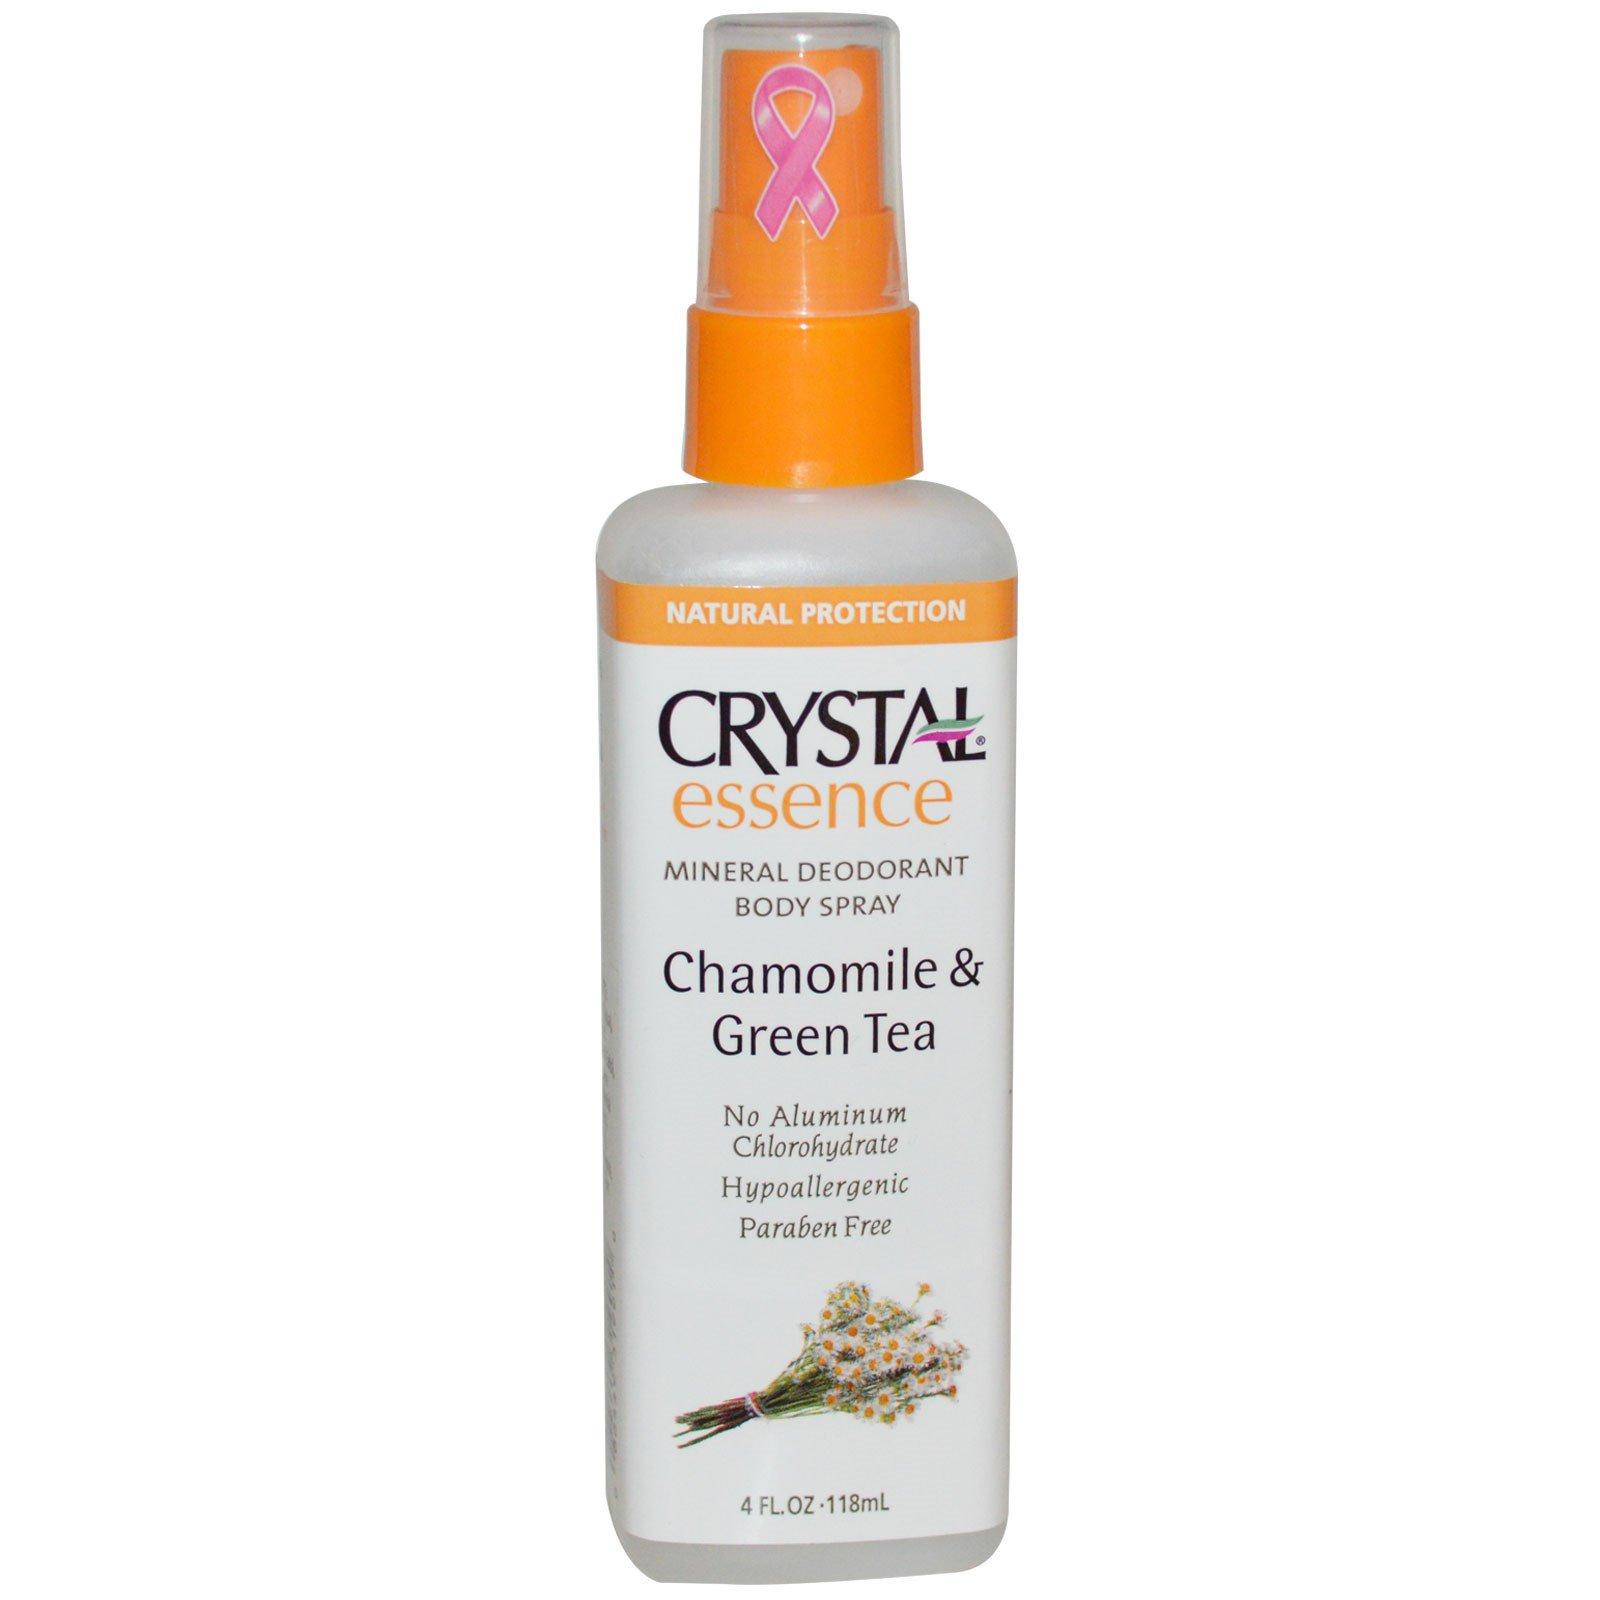 Crystal Body Deodorant, Crystal Essence, Дезодорант из натуральных минеральных солей, ромашка & зеленый чай, 4 жидких унции (118 мл)